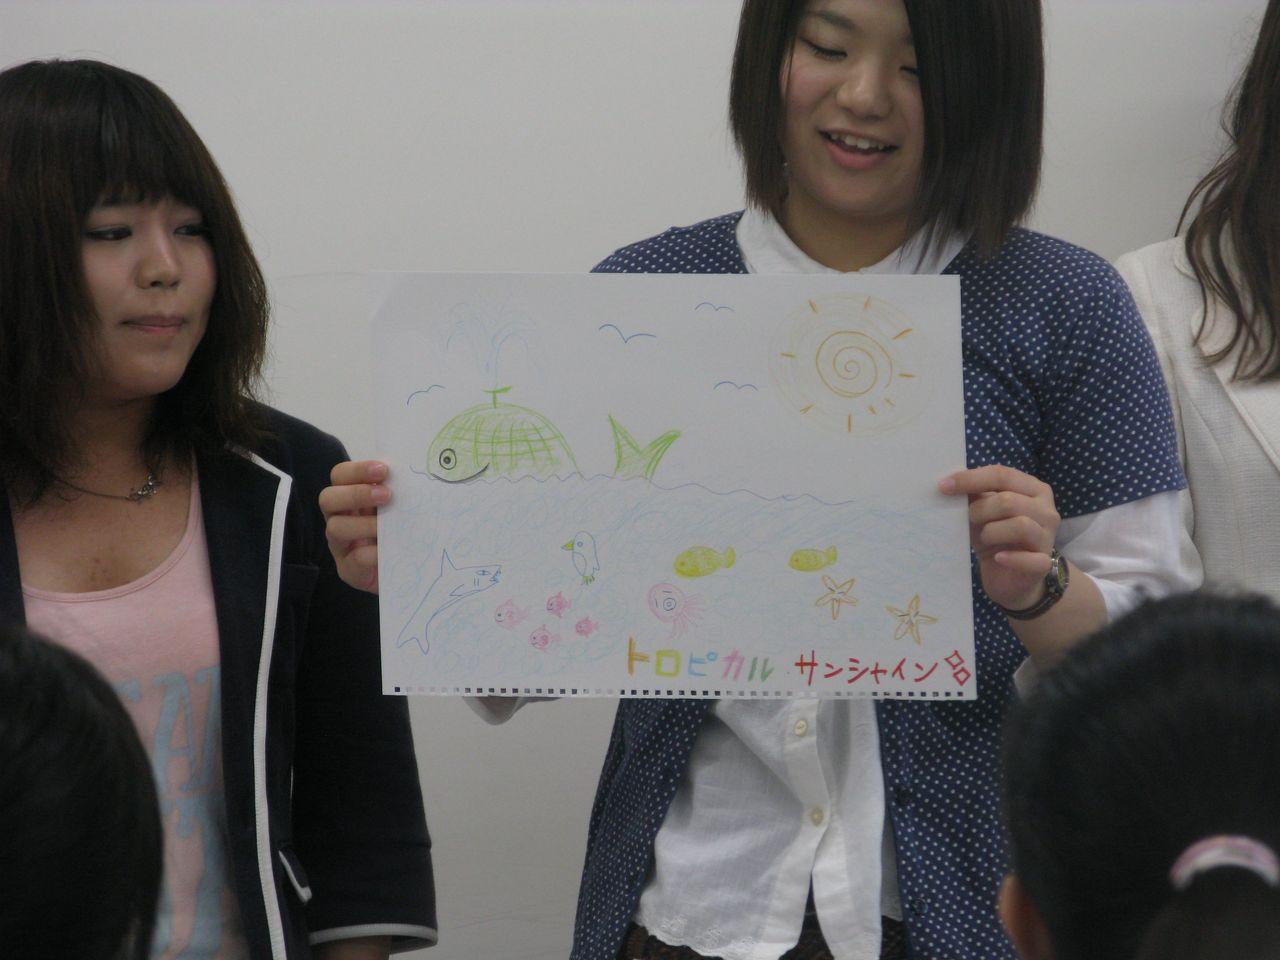 神戸夙川学院大学アロマテラピー講義・メロンクジラかわいいでしょ